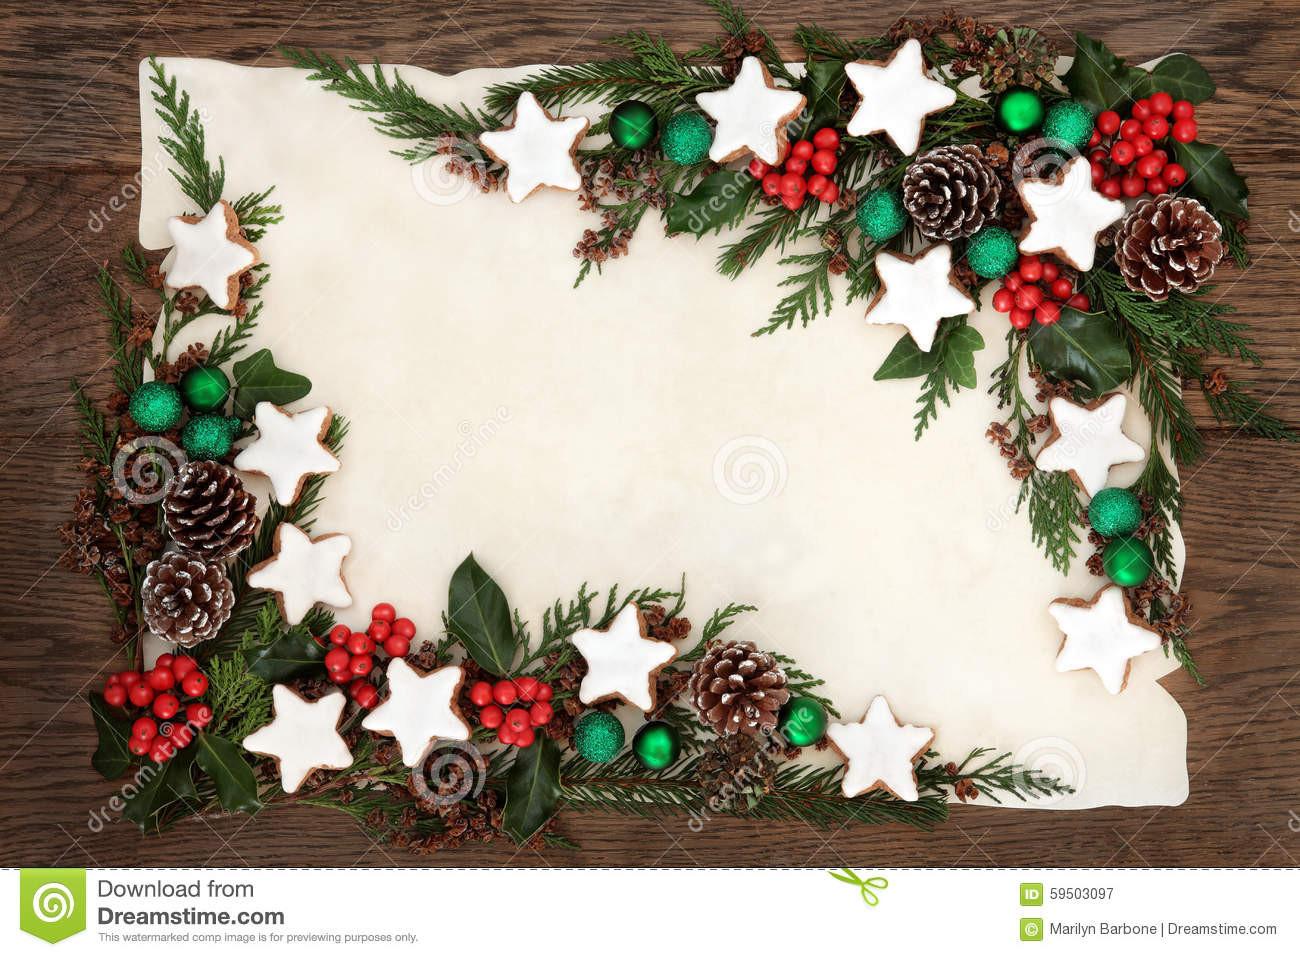 Christmas Cookies Borders  Christmas Cookie Border stock image Image of display